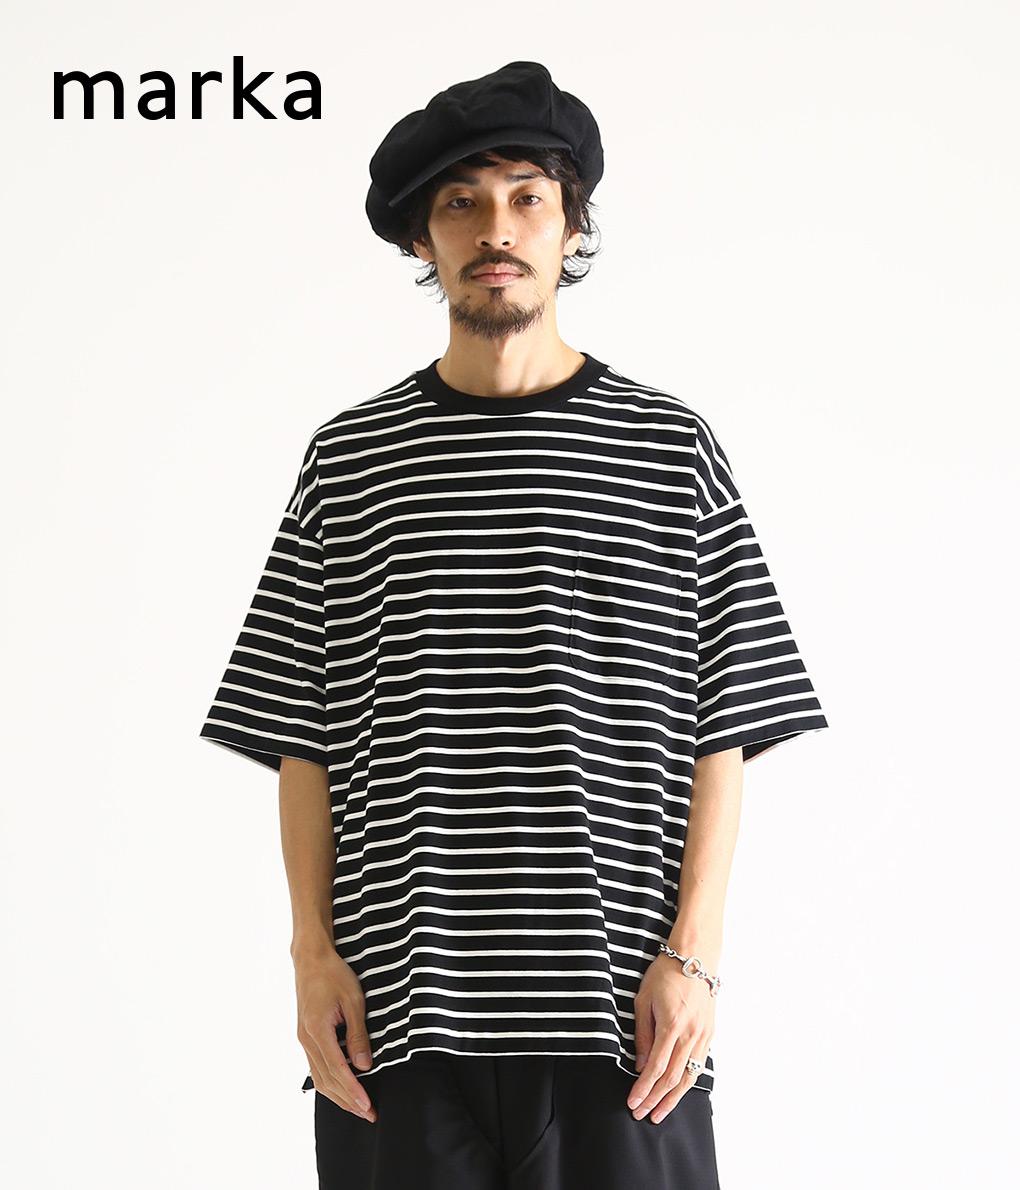 marka / マーカ : POCKET TEE S/S - cotton knit boder - : マーカ ポケットティー Tシャツ ロングスリーブTシャツ ボーダーT メンズ : M20A-17CS01B 【COR】【WIS】